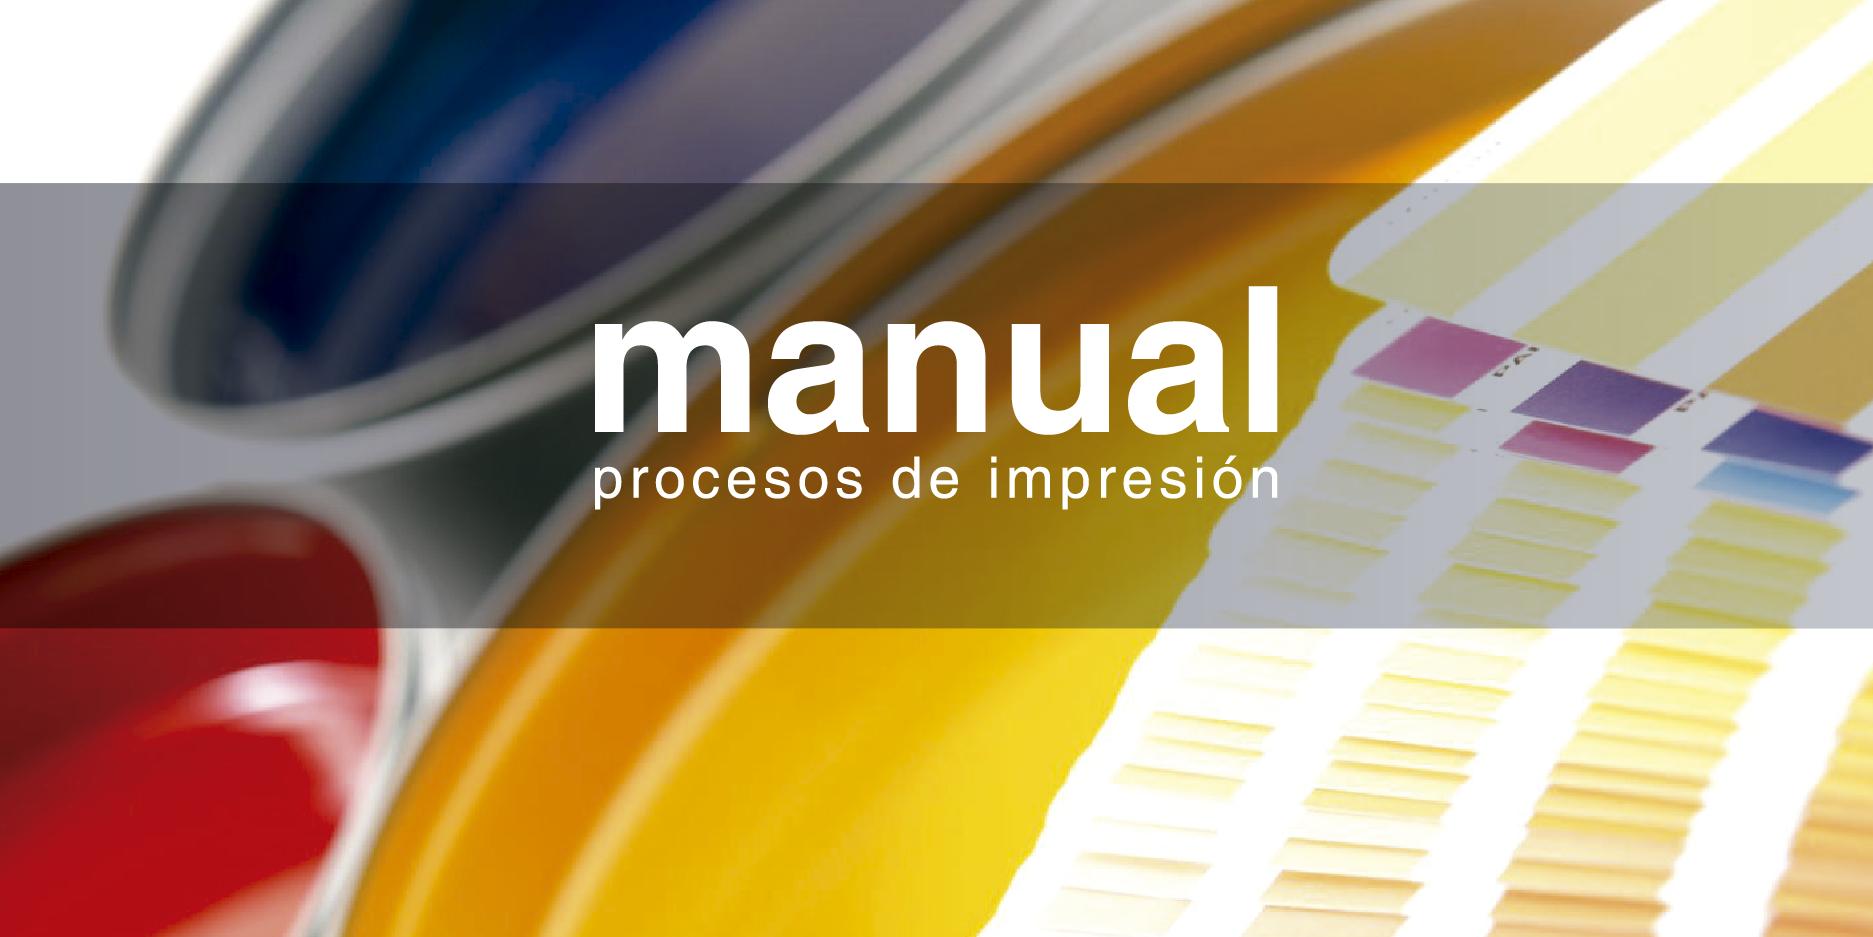 pdf manual procesos de impresion yulissa walters descargar